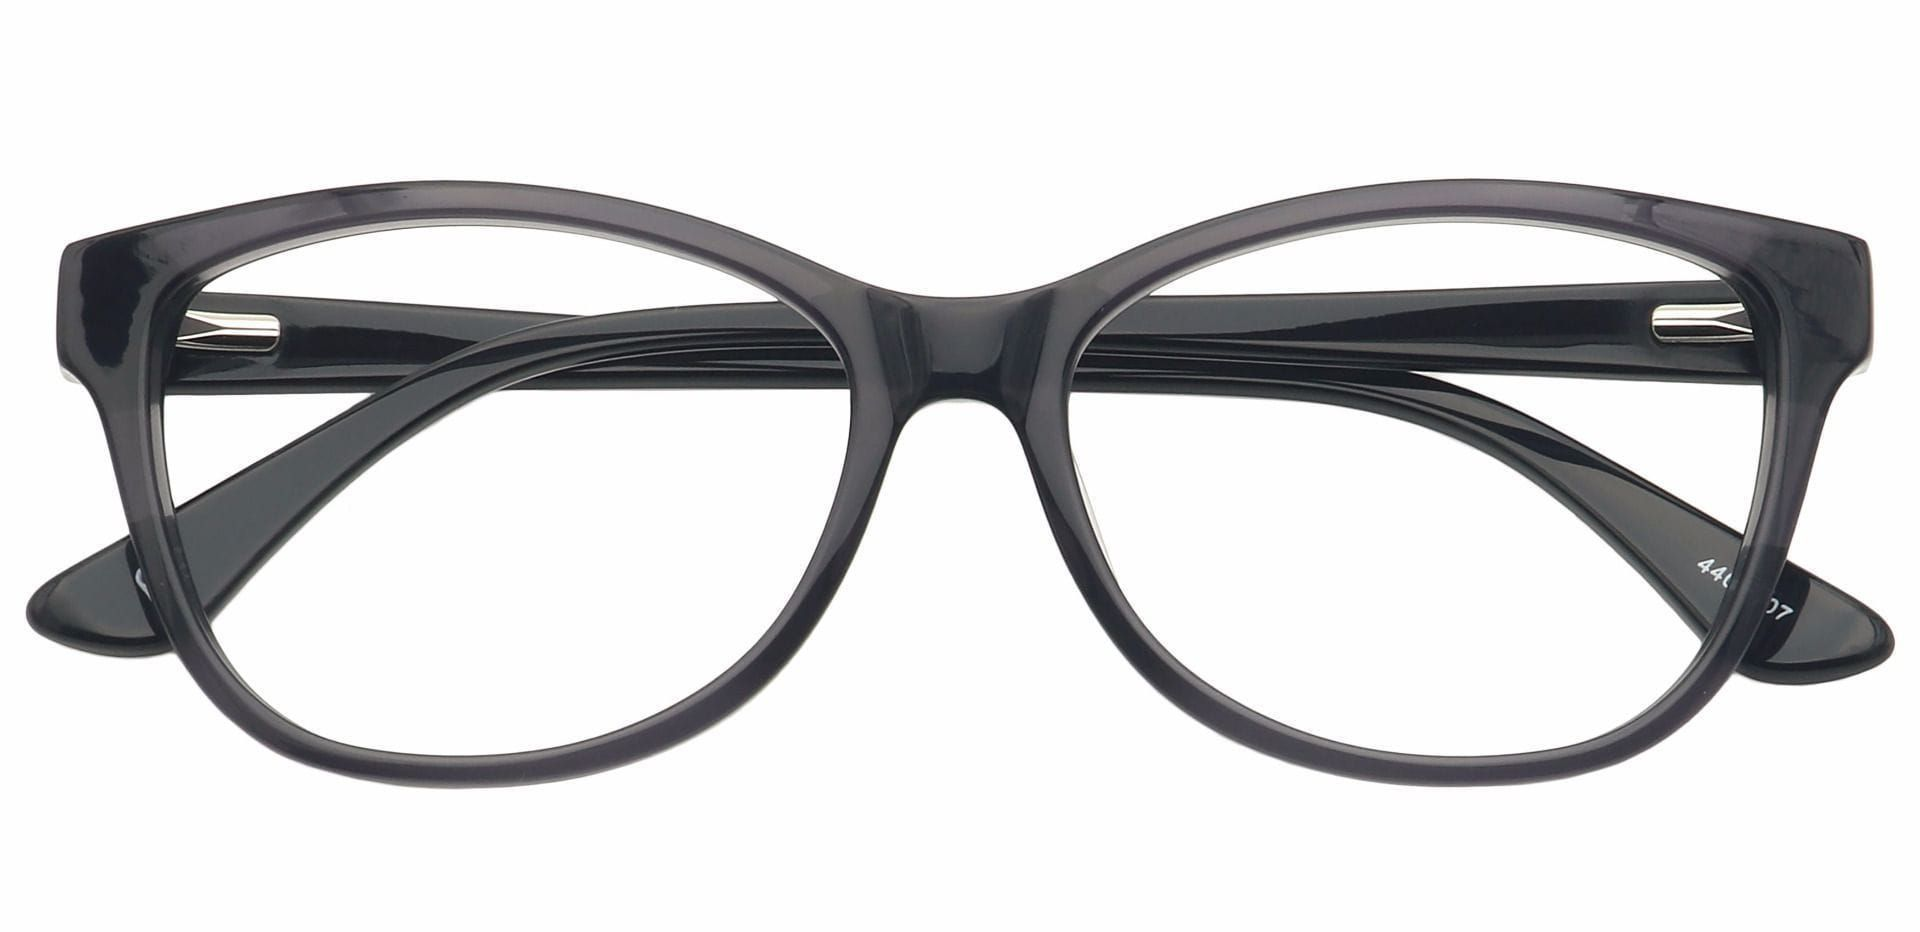 Ruth Oval Prescription Glasses - Black